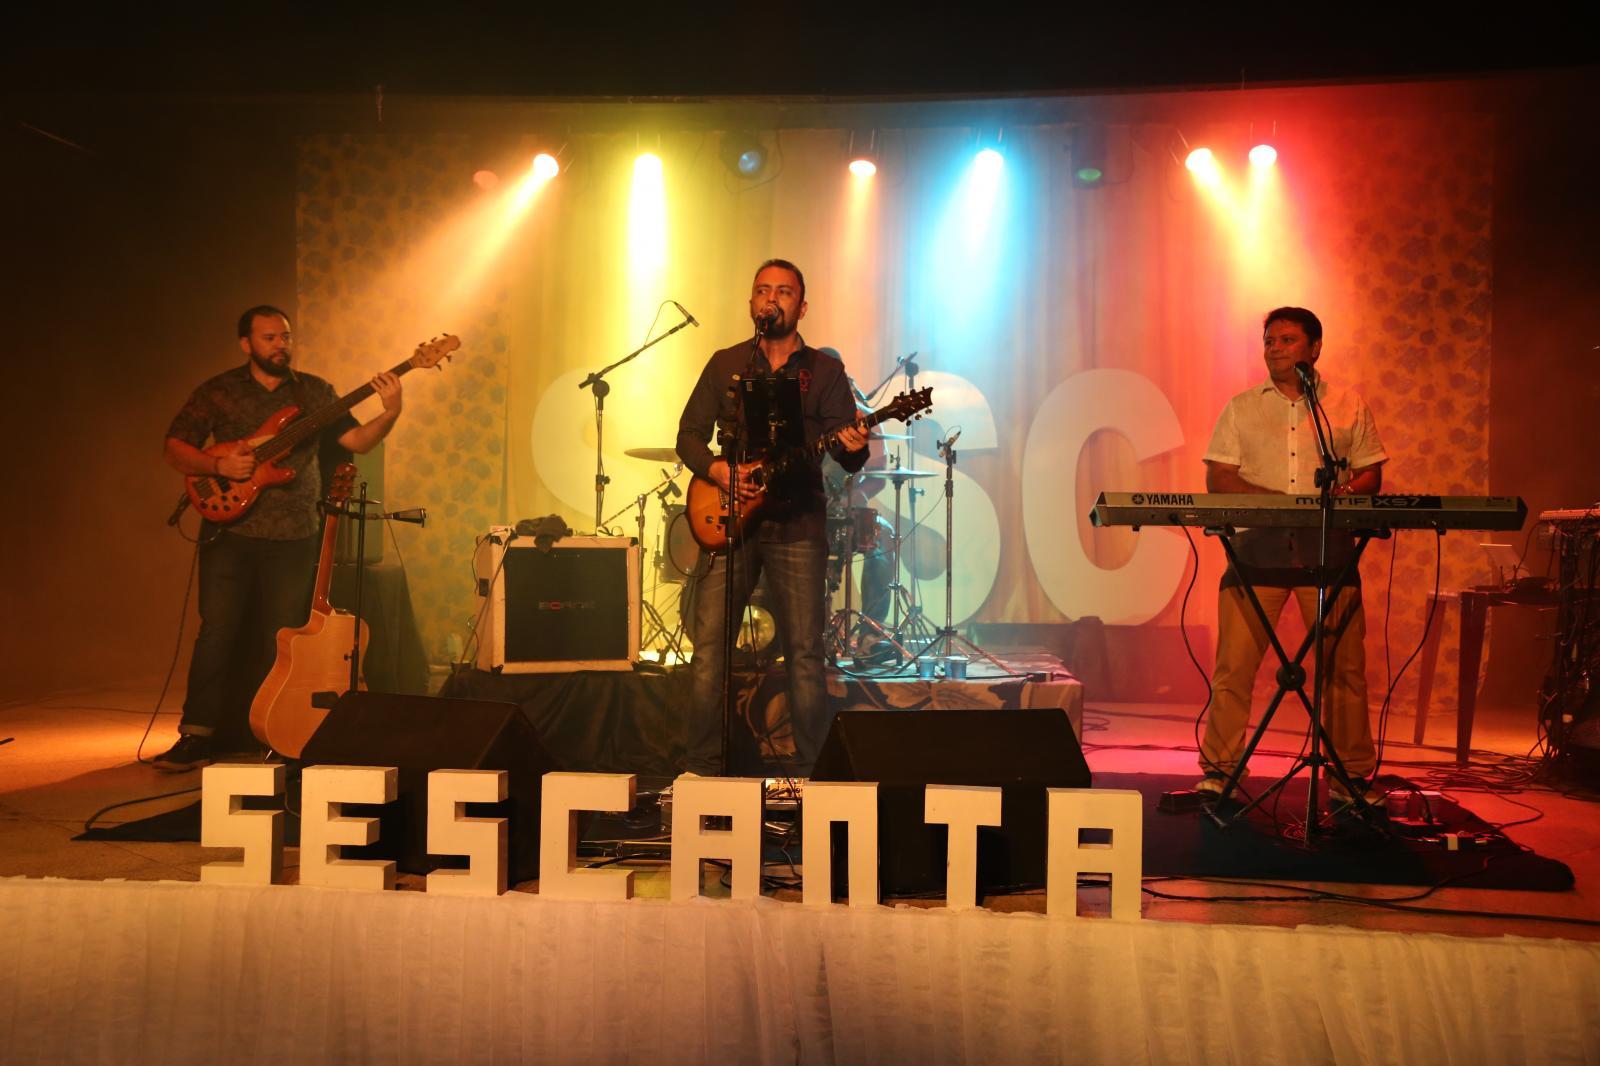 Sesc Amapá promove 16ª edição do Sescanta com difusão das músicas amapaenses